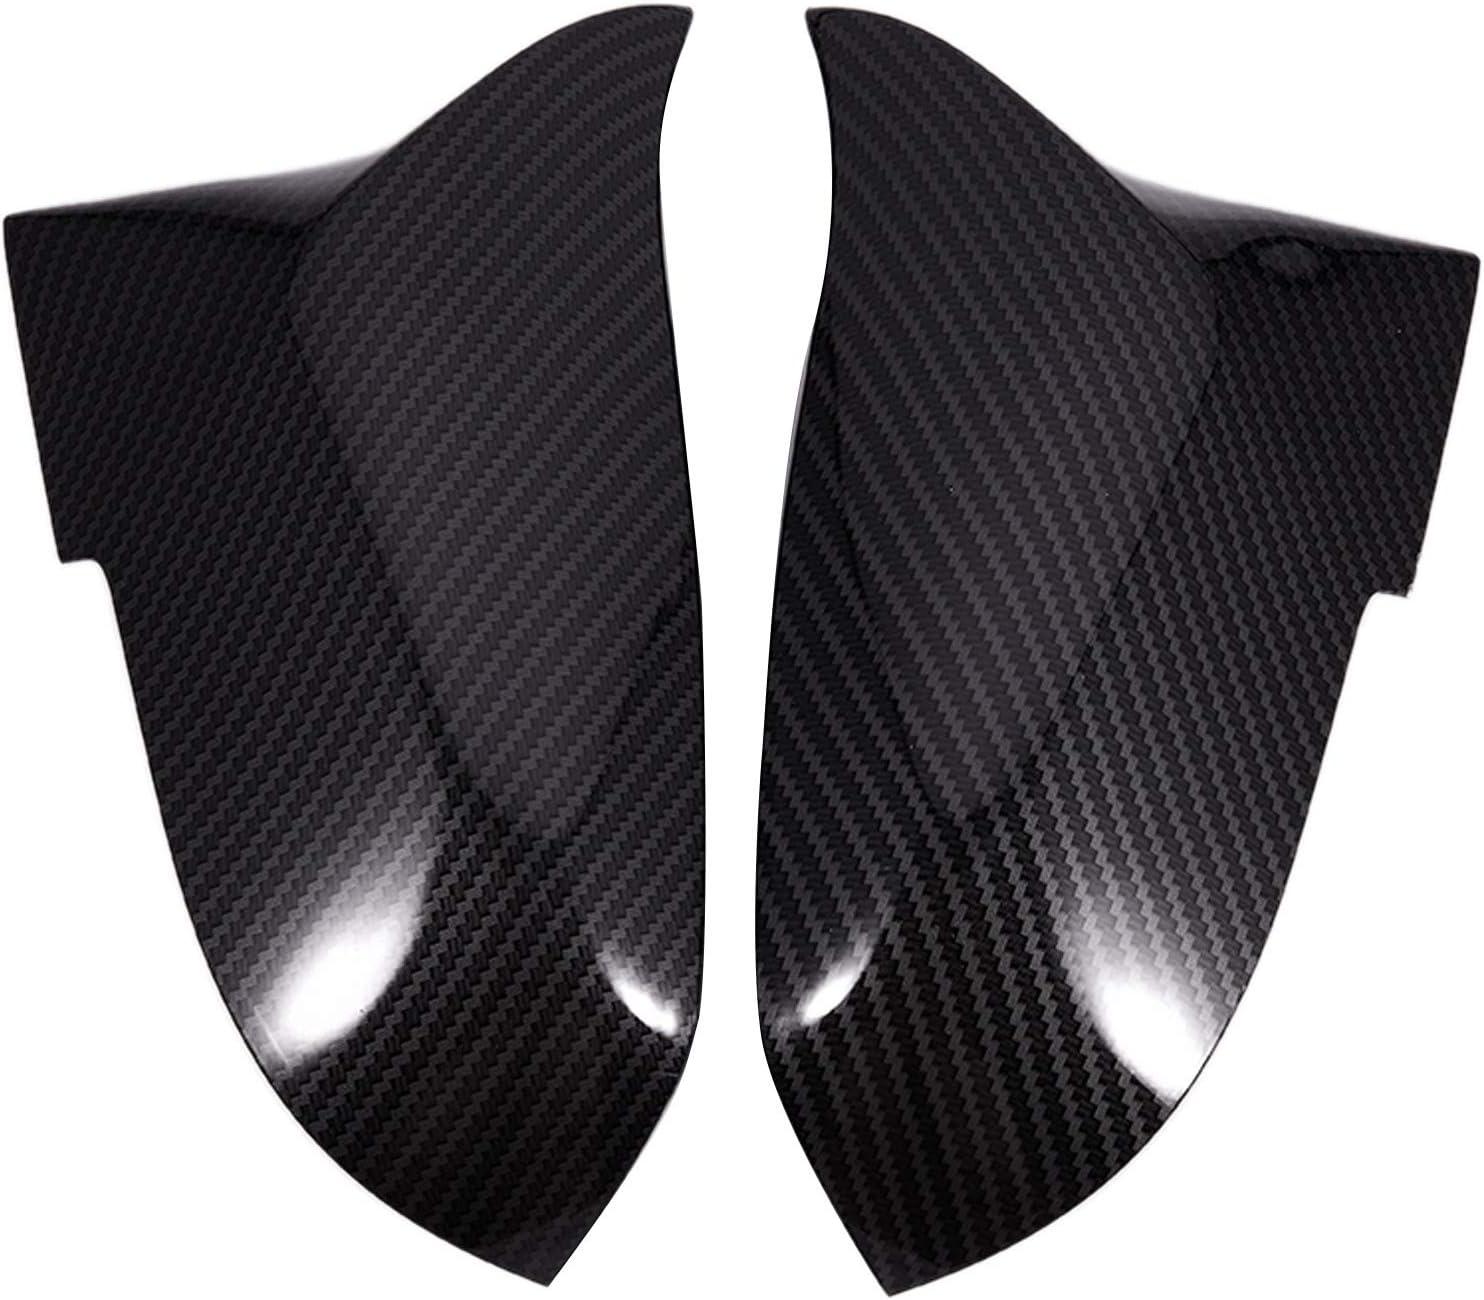 Vaorwne 1 Pair Carbon Fiber Car Rear View Mirror Cover Cap for F20 F22 F30 F31 F32 F33 F36 F34 F35 Side Mirror Cover Trim 51167292745 51167292746